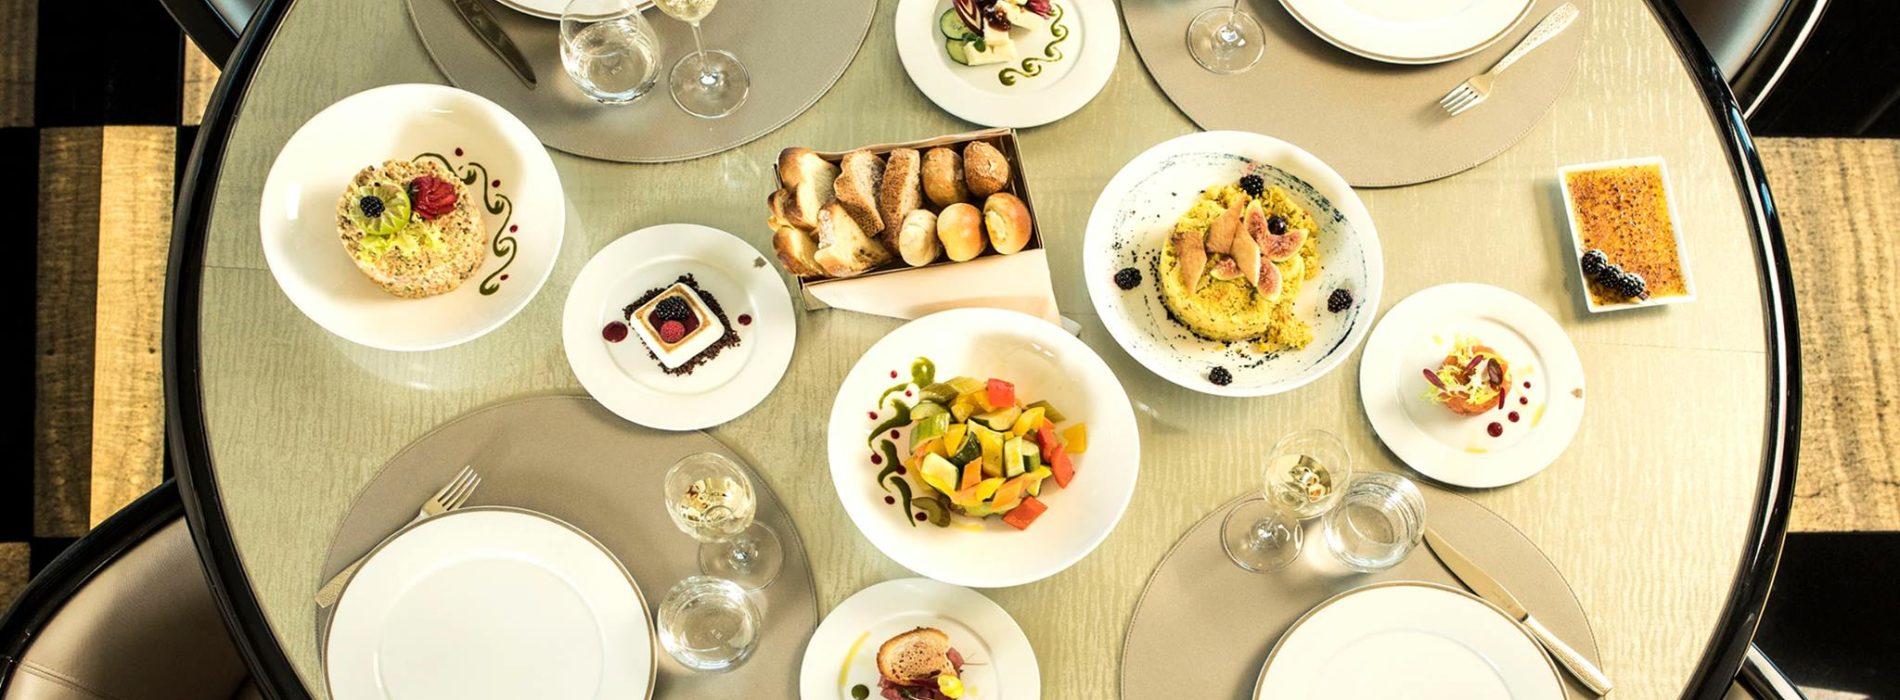 Cenone di Capodanno Milano 2017: i migliori ristoranti con menu e prezzi